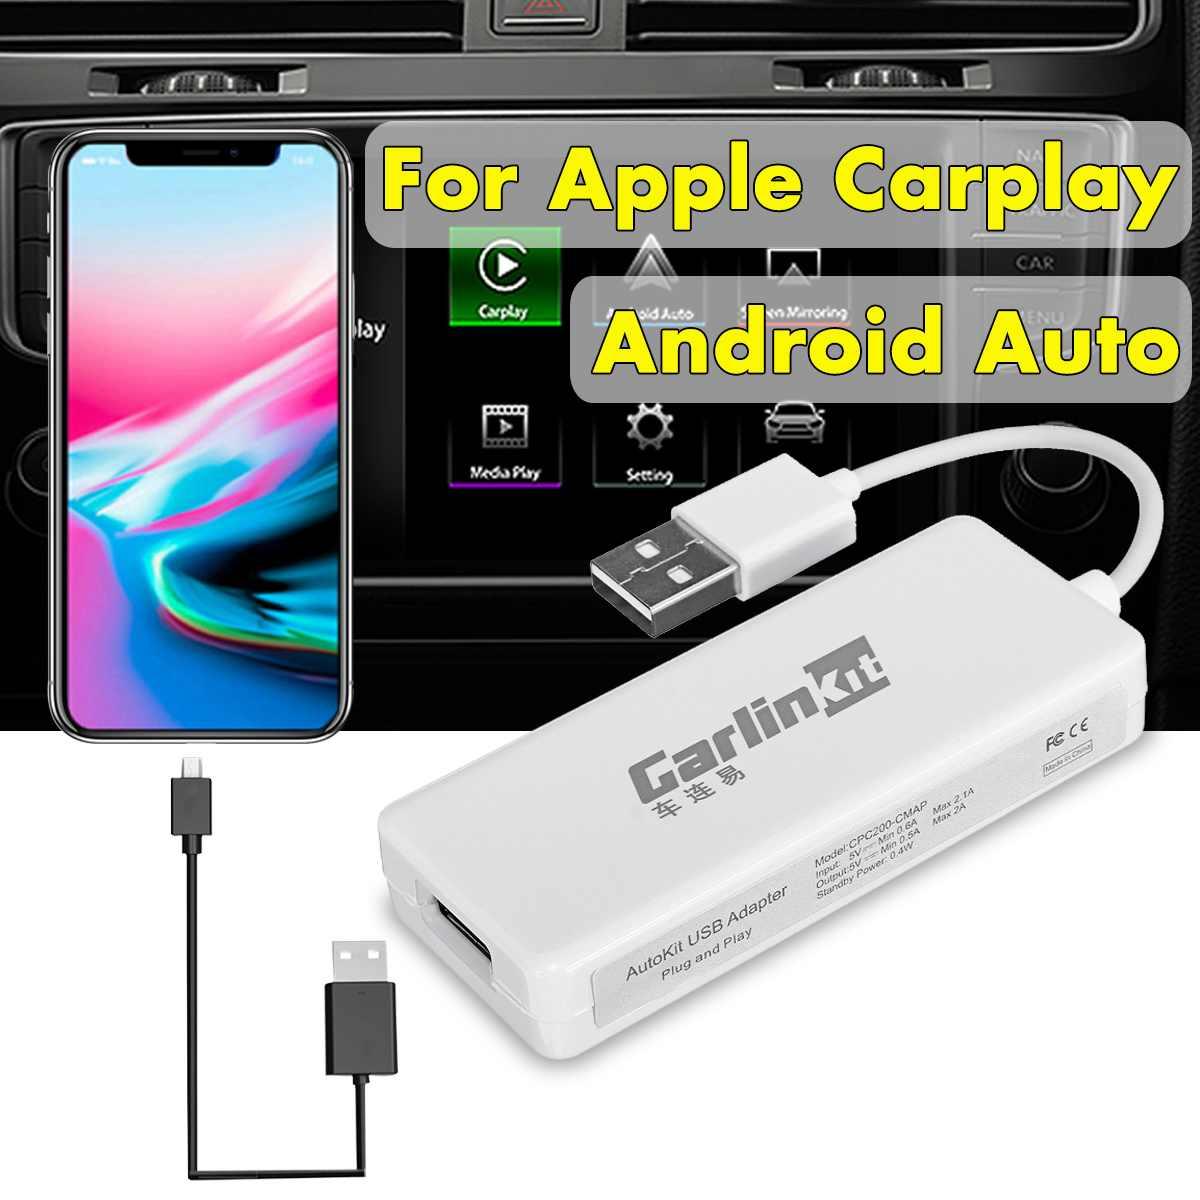 Mini clé USB pour lecteur de Navigation Android Mini clé USB avec Android Auto